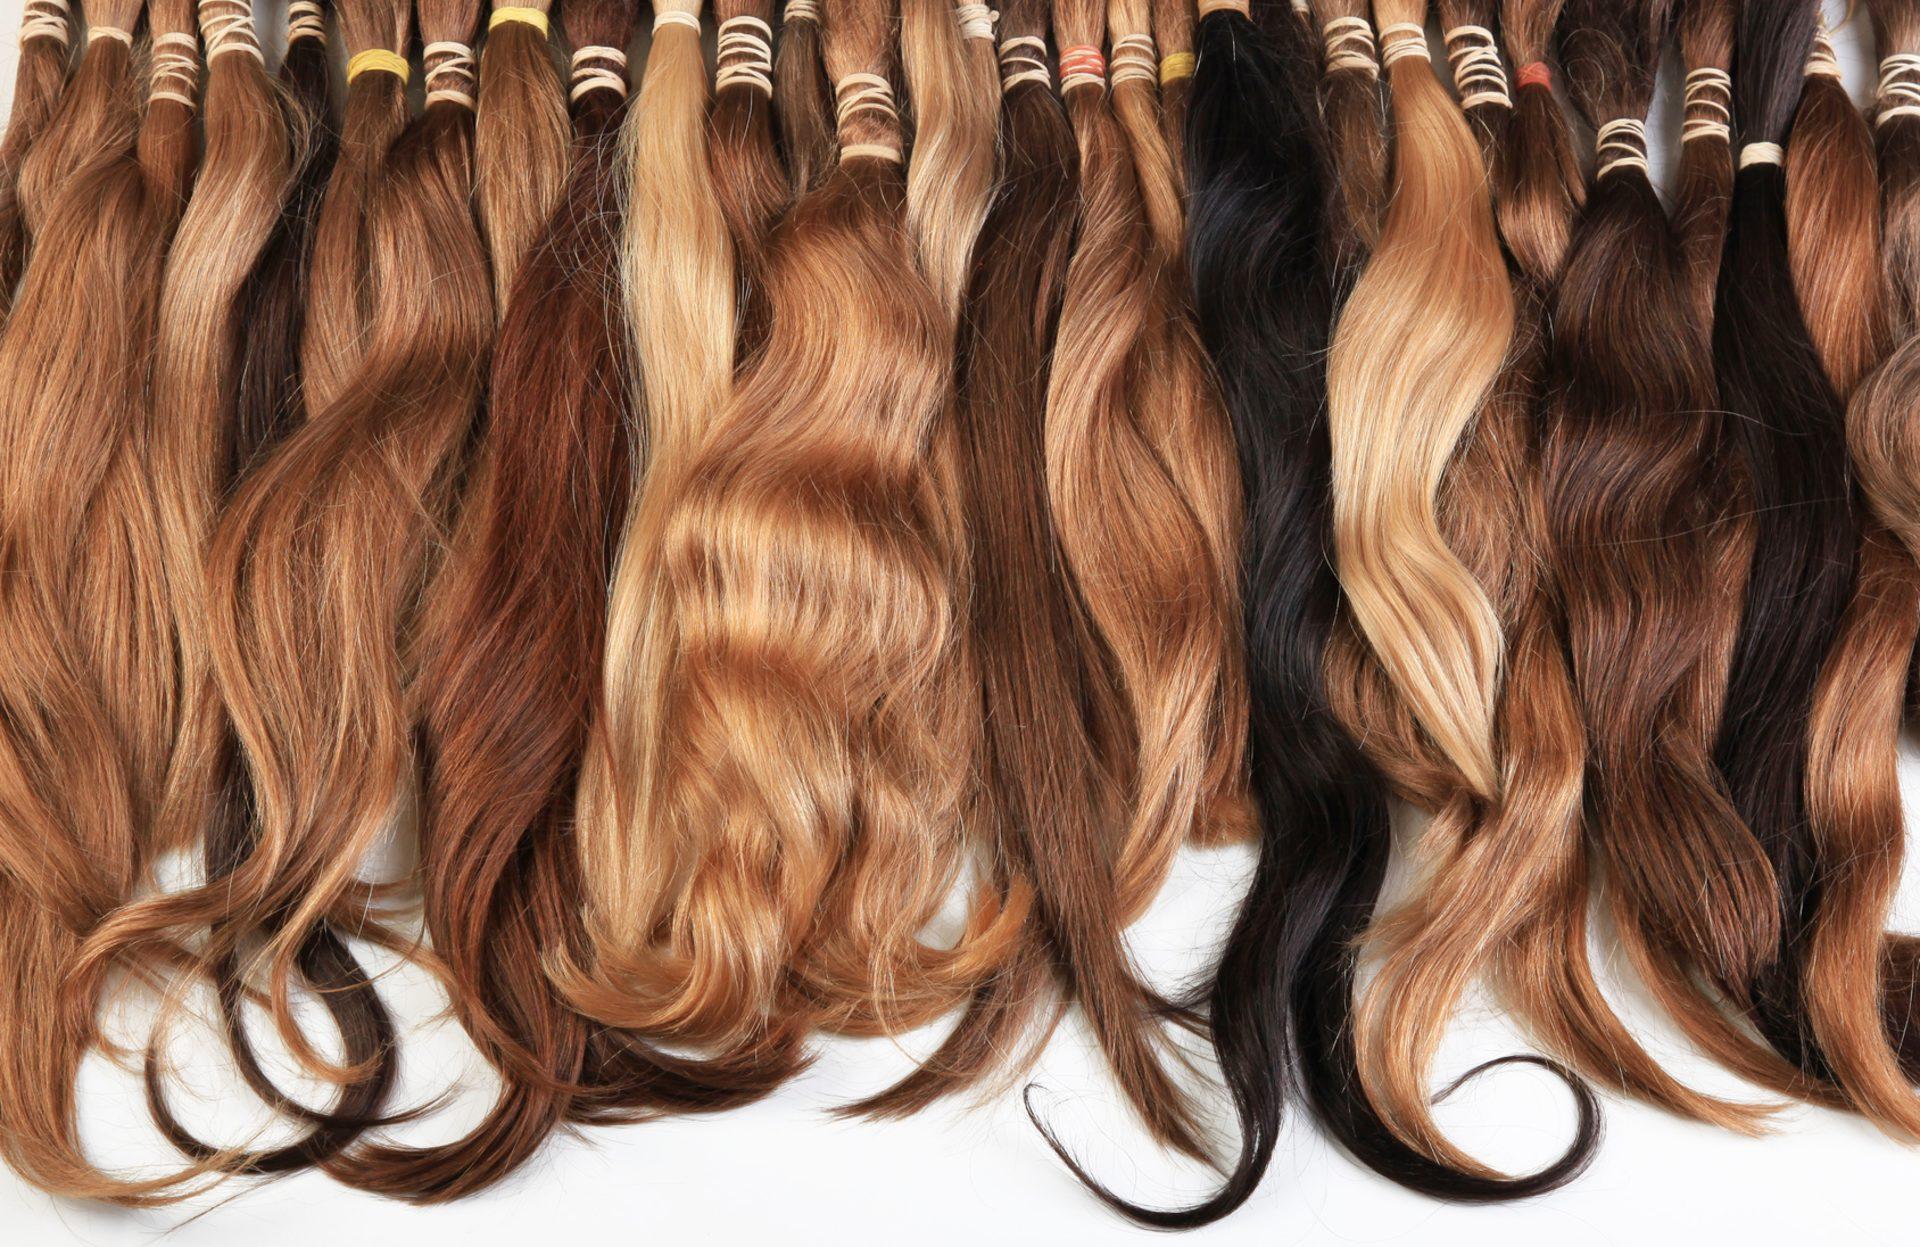 Haarverlangerung berlin kaufen